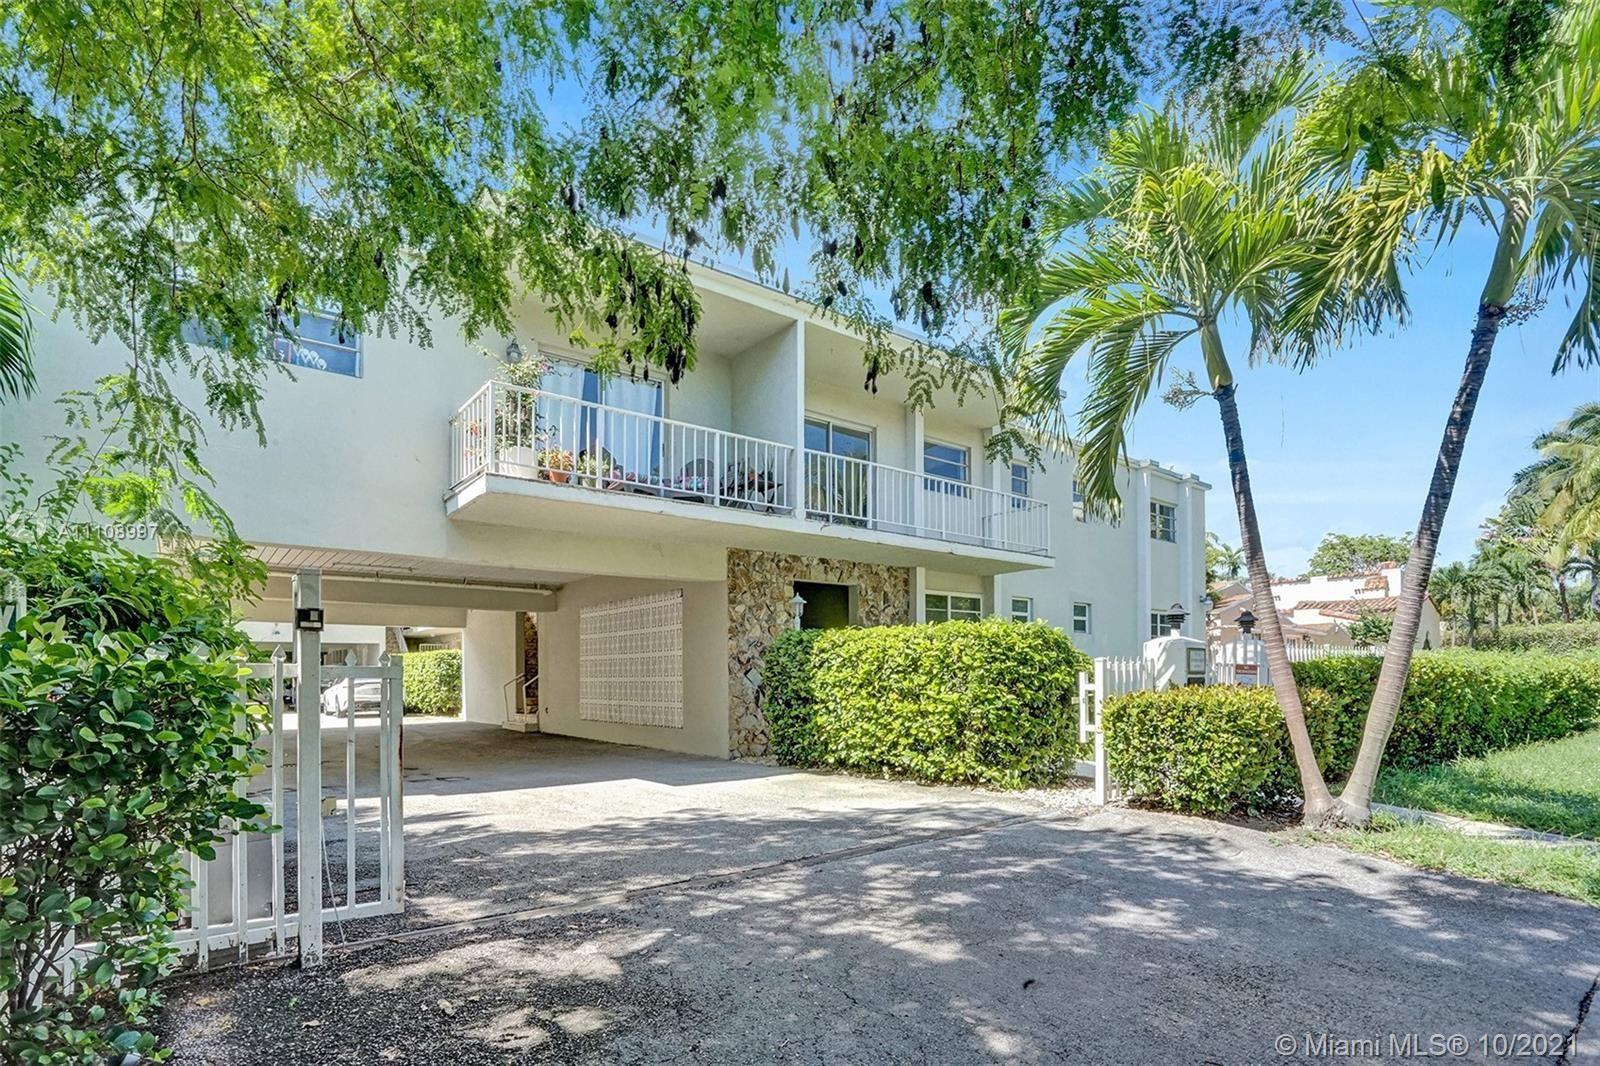 1740 Jefferson Ave #11, Miami Beach, FL 33139 - #: A11108997